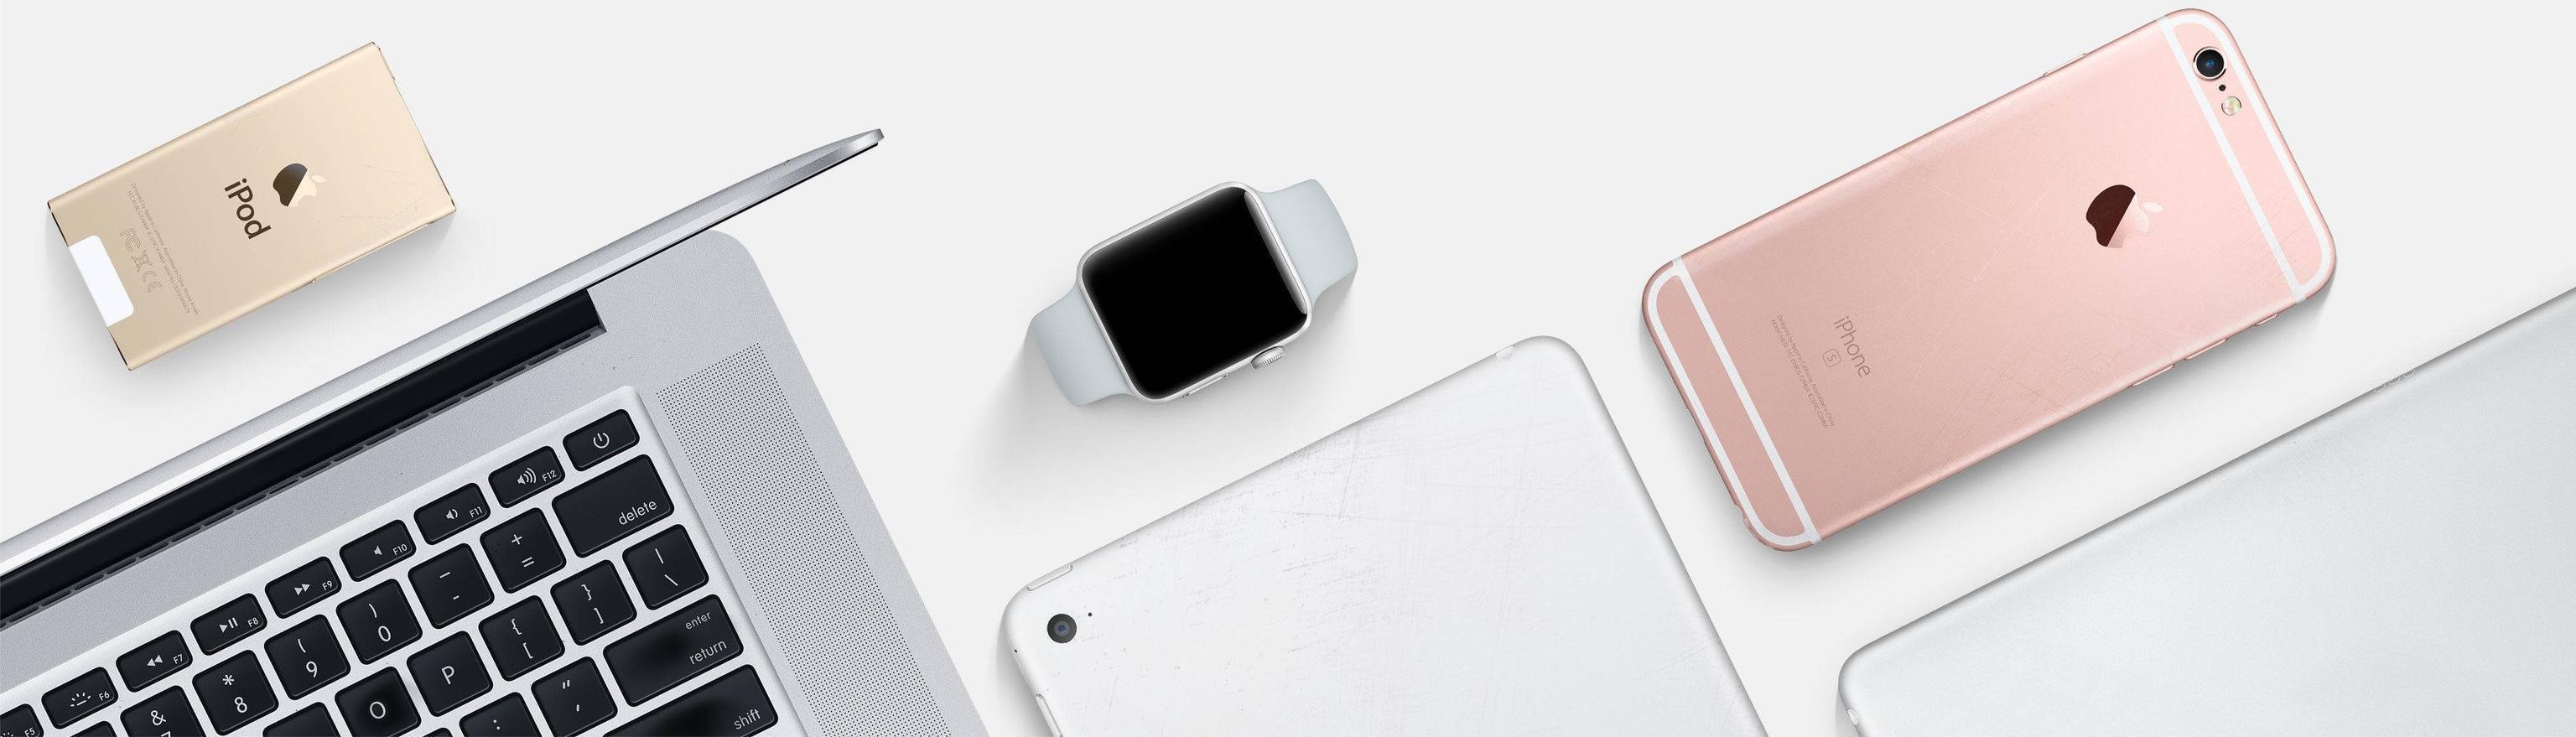 苹果产品越来越贵,但官方打算让你的老设备继续用下去